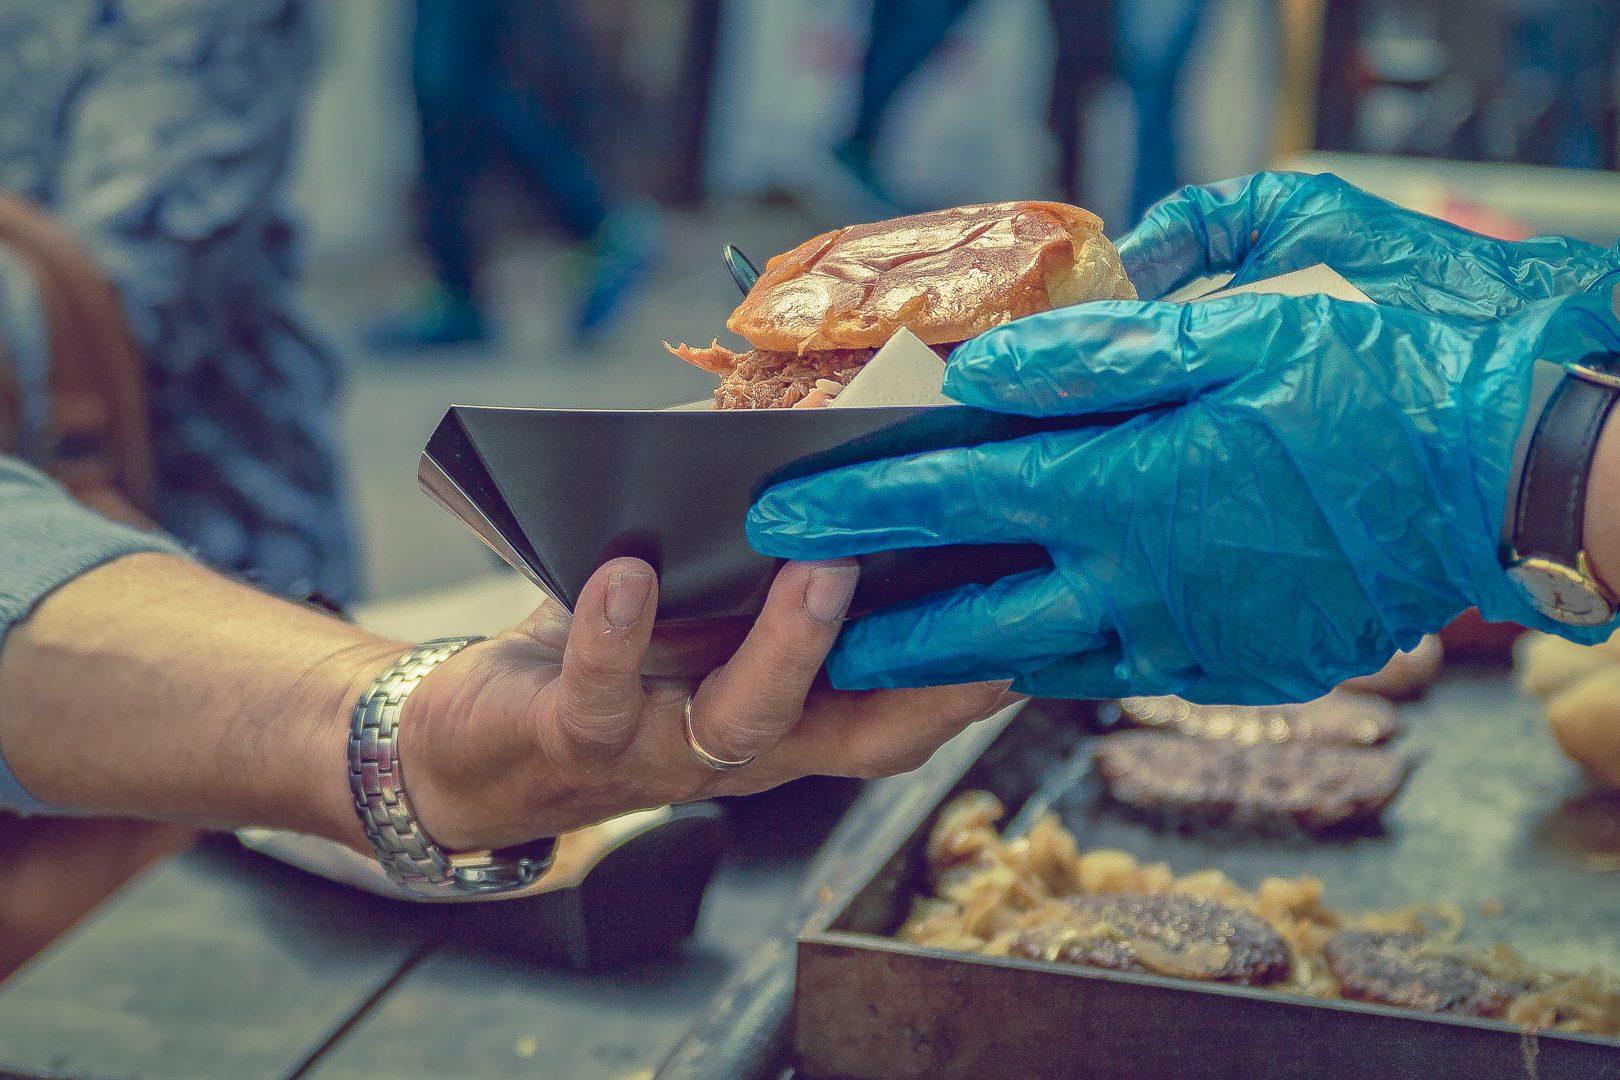 Autorizzazione per la formazione professionale per alimentarista – Regione Campania